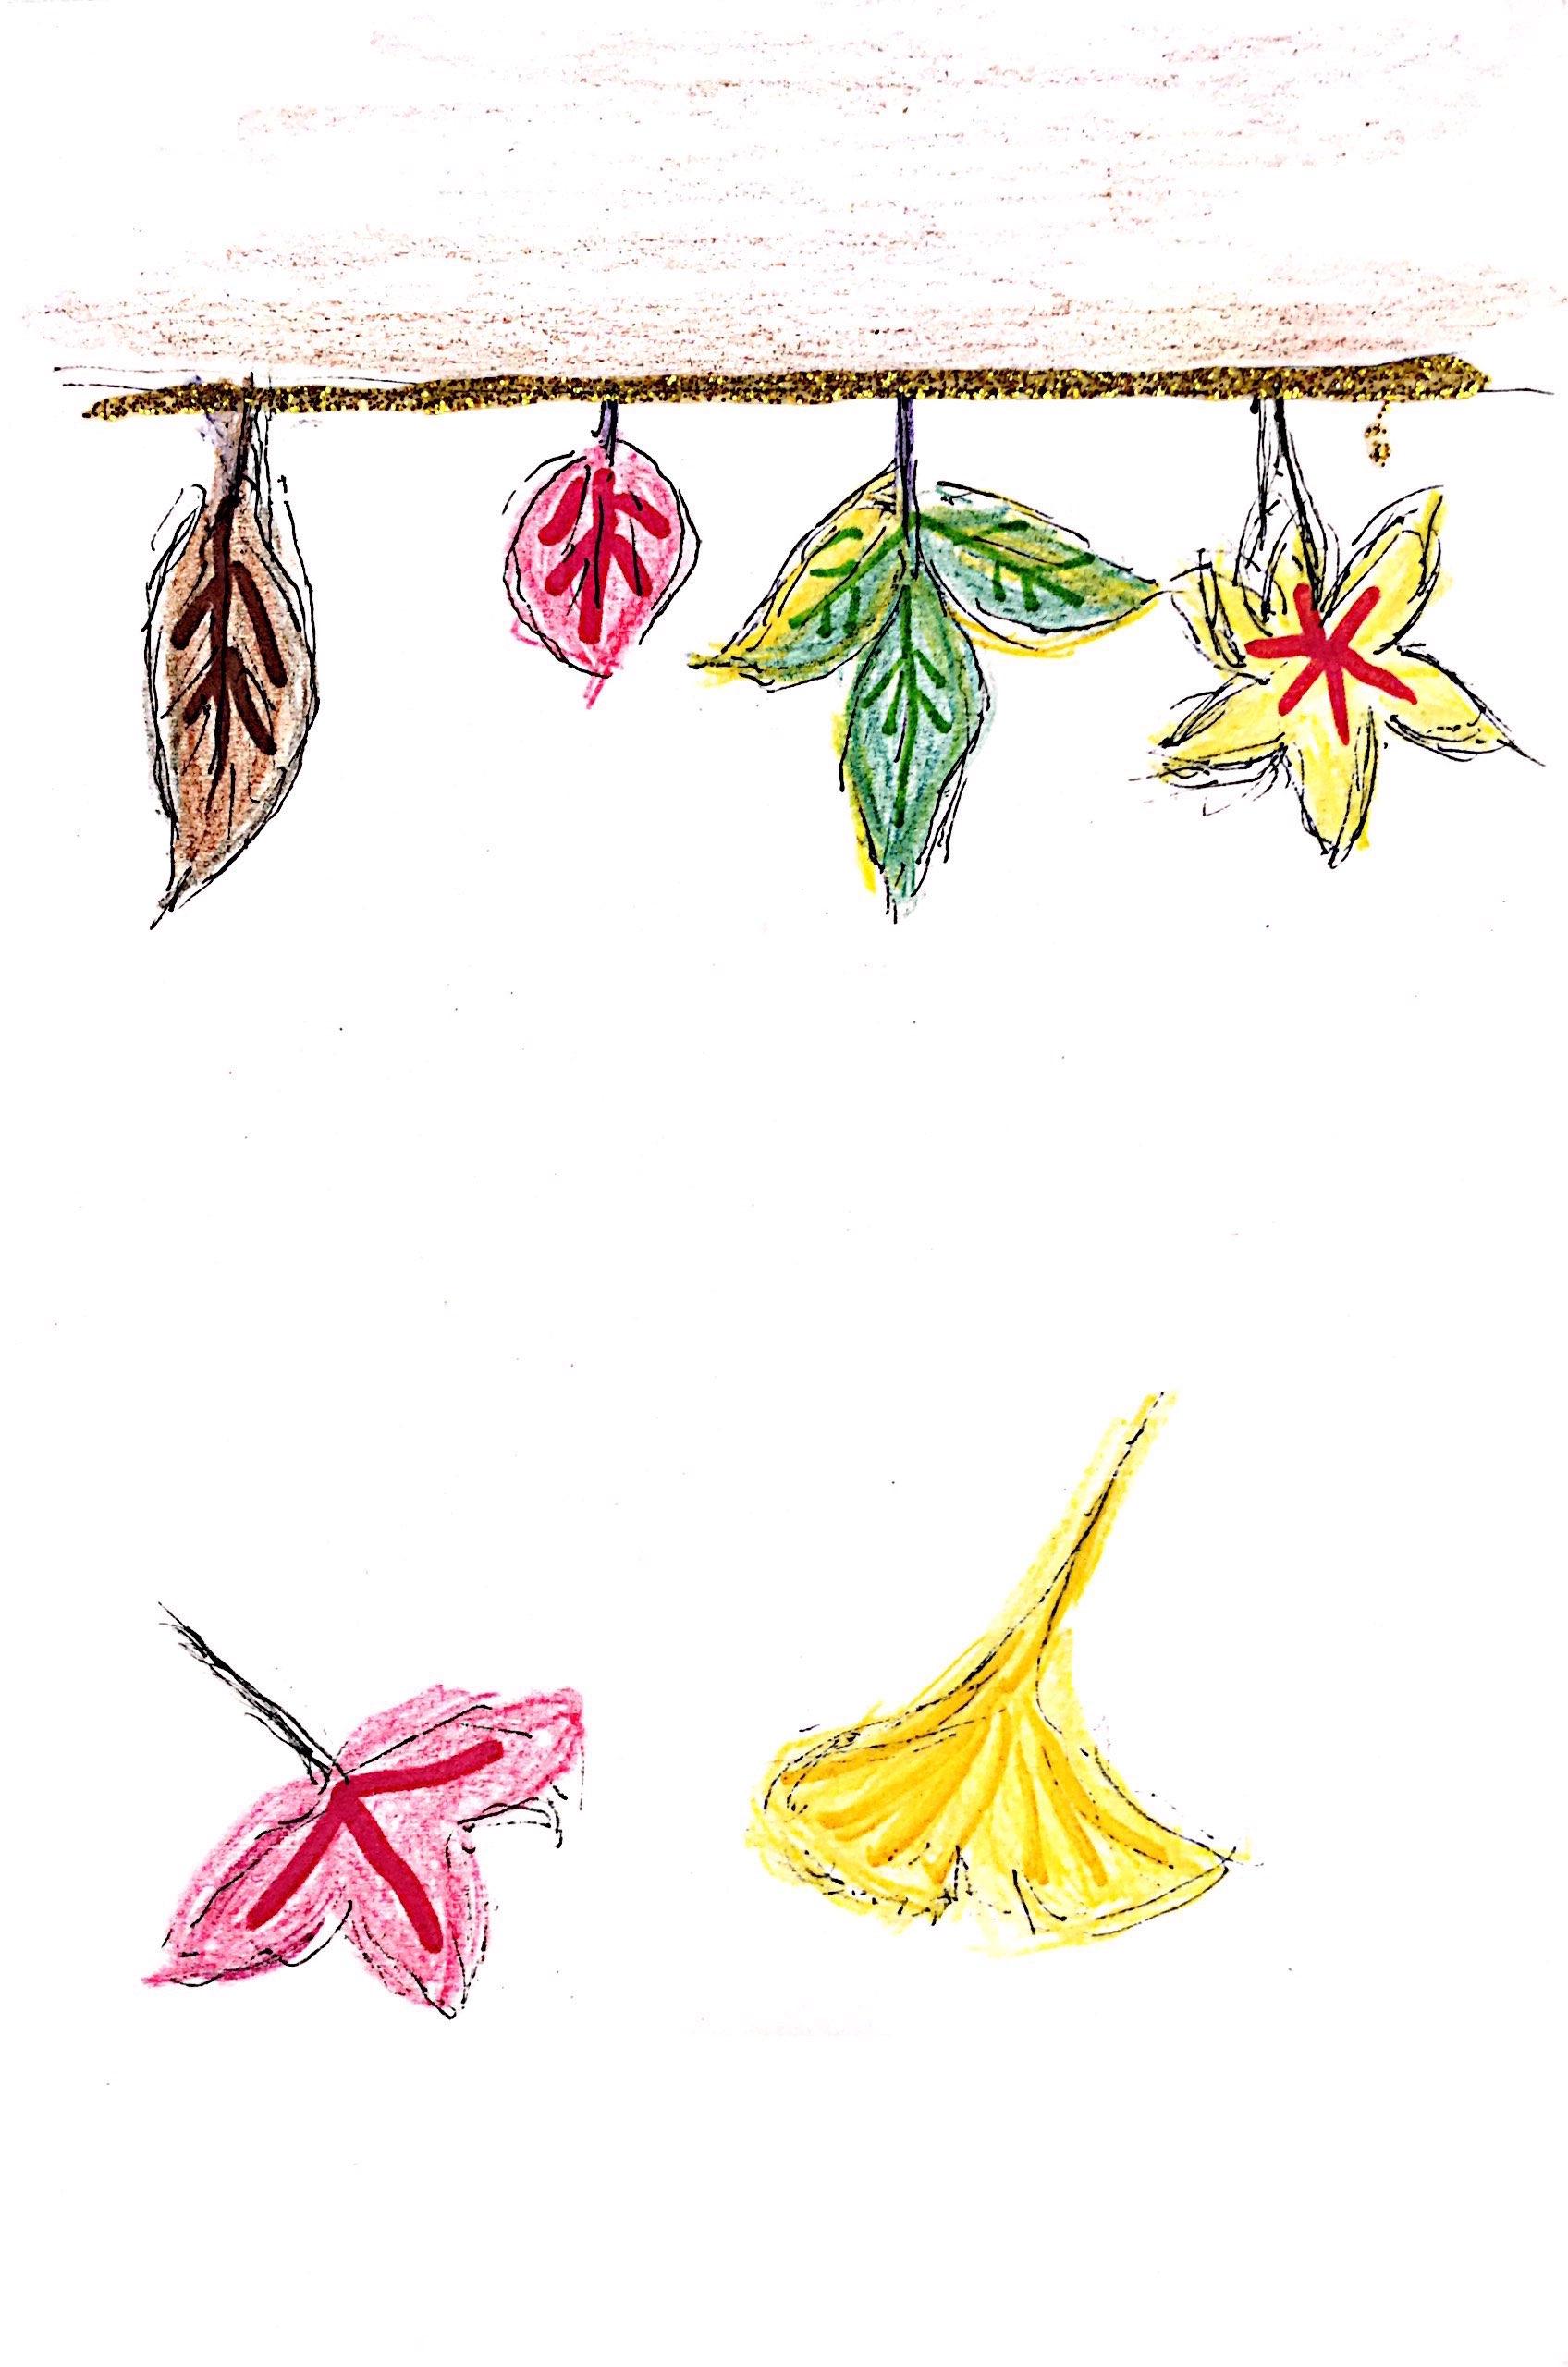 秋冬を彩る枯れ葉たち